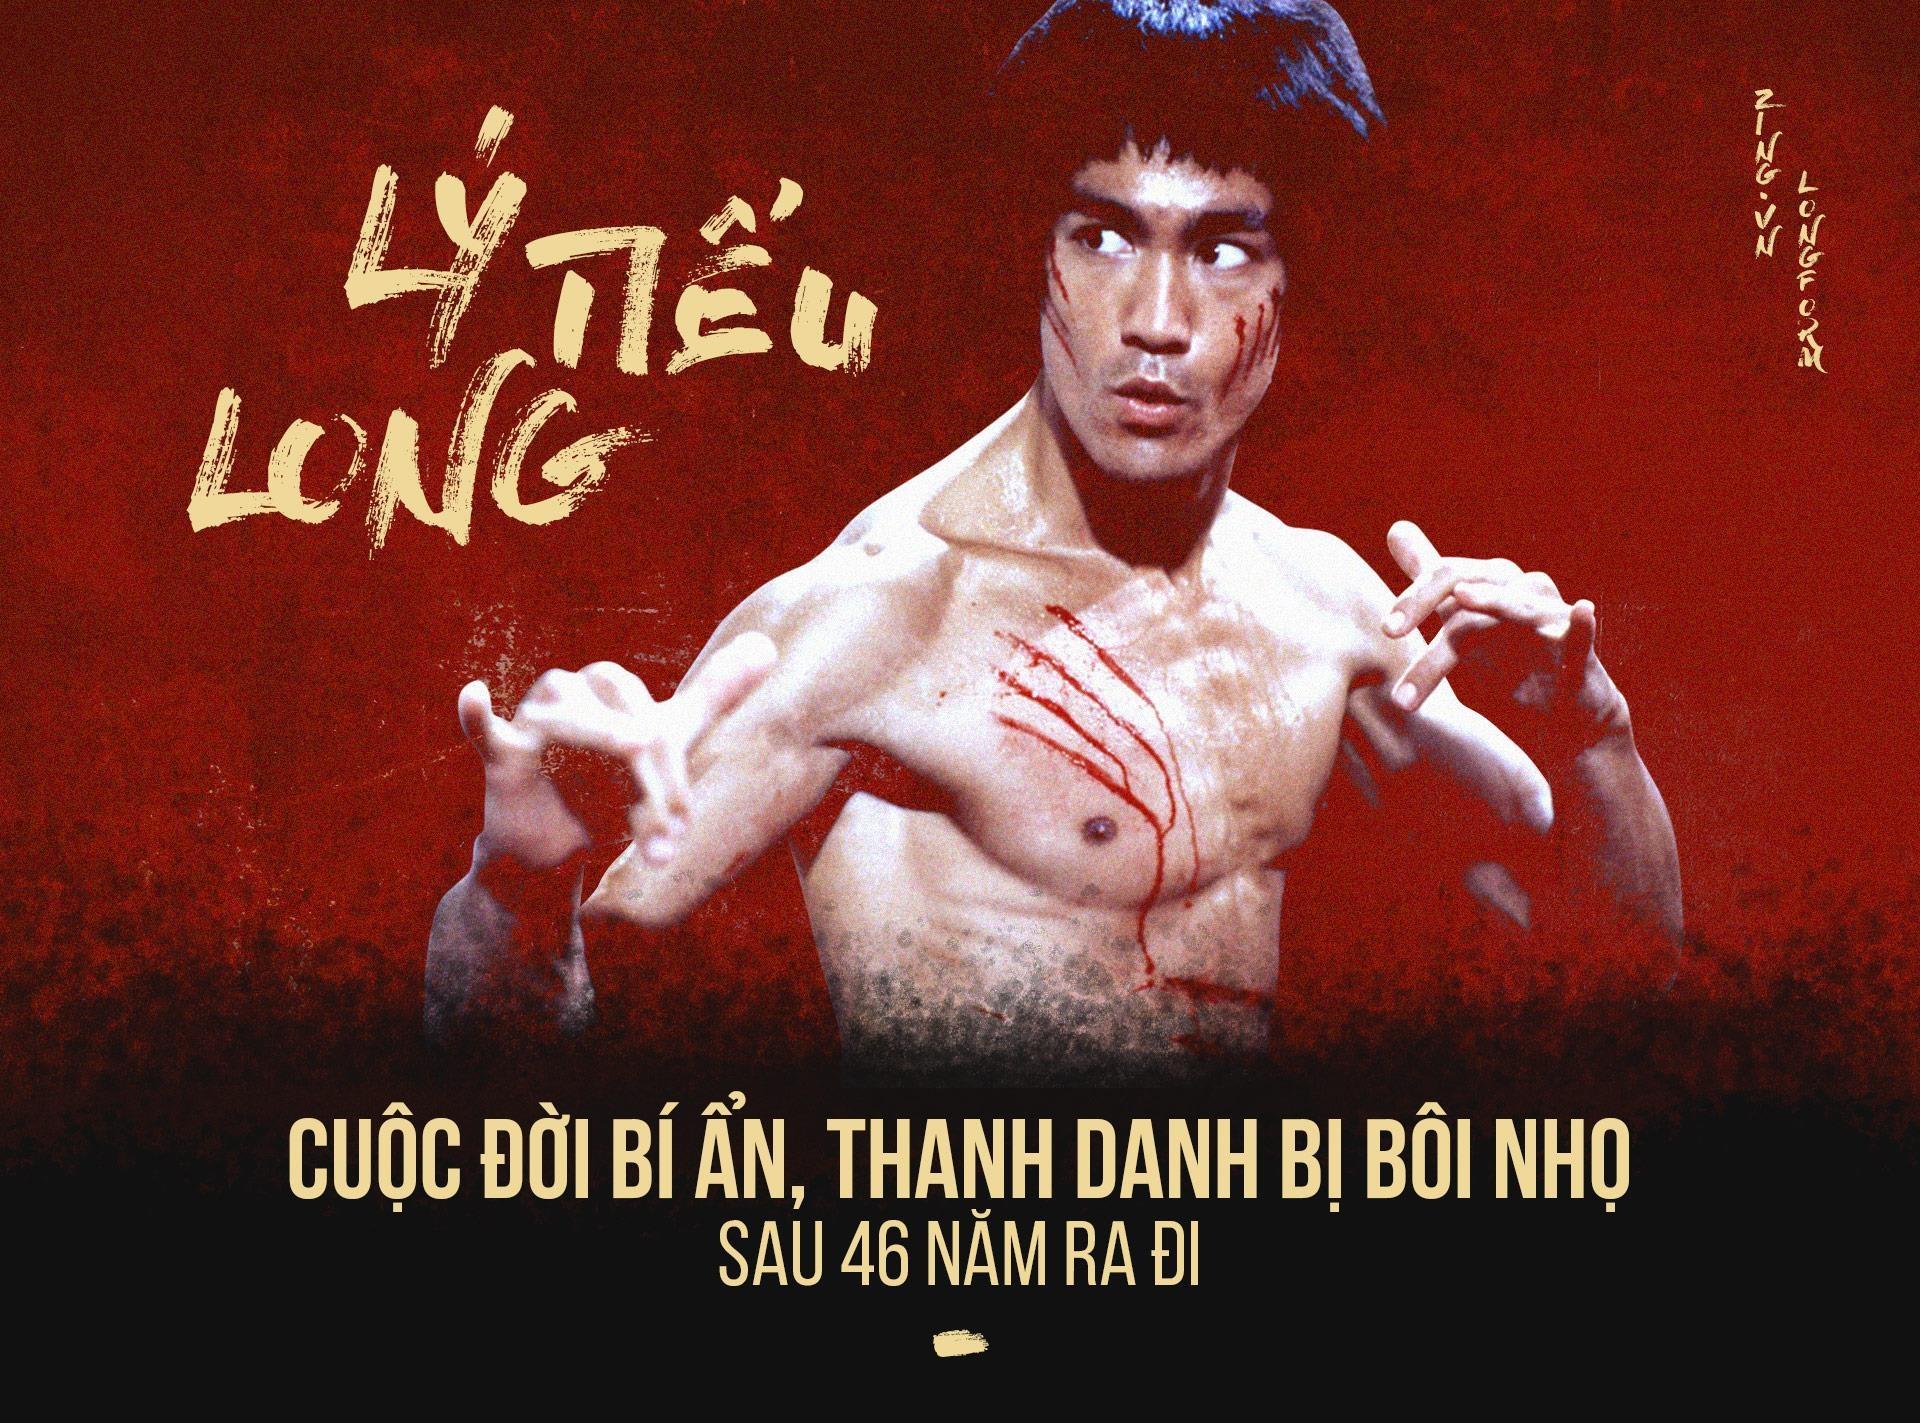 Ly Tieu Long anh 2